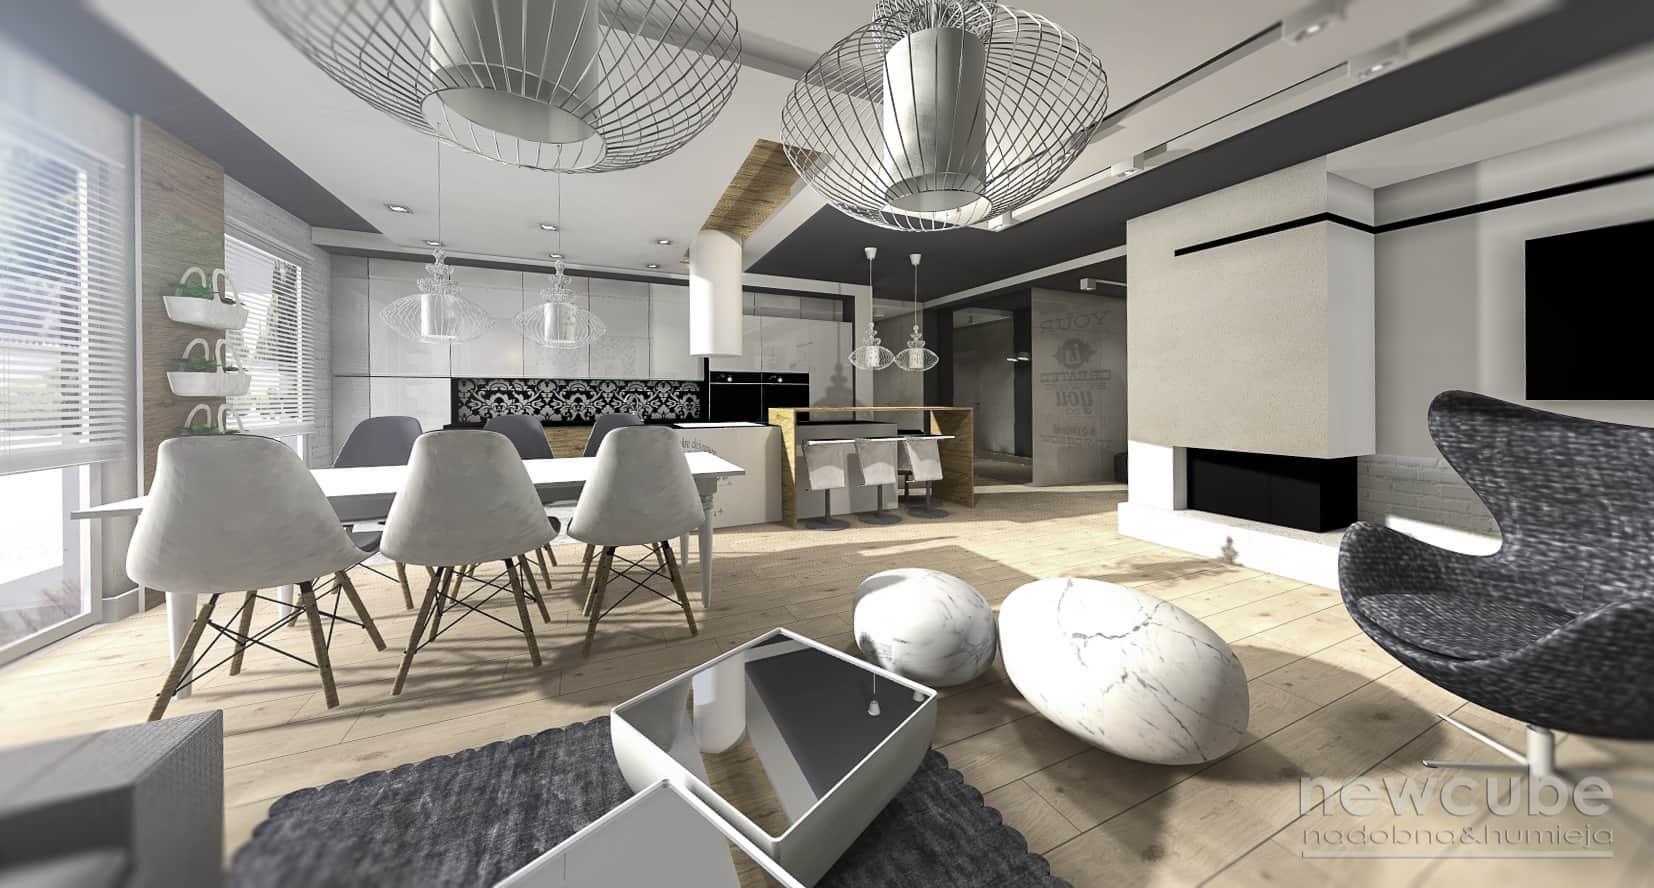 aranzacja-wnetrz-projekt-architekt-new-cube-620151104